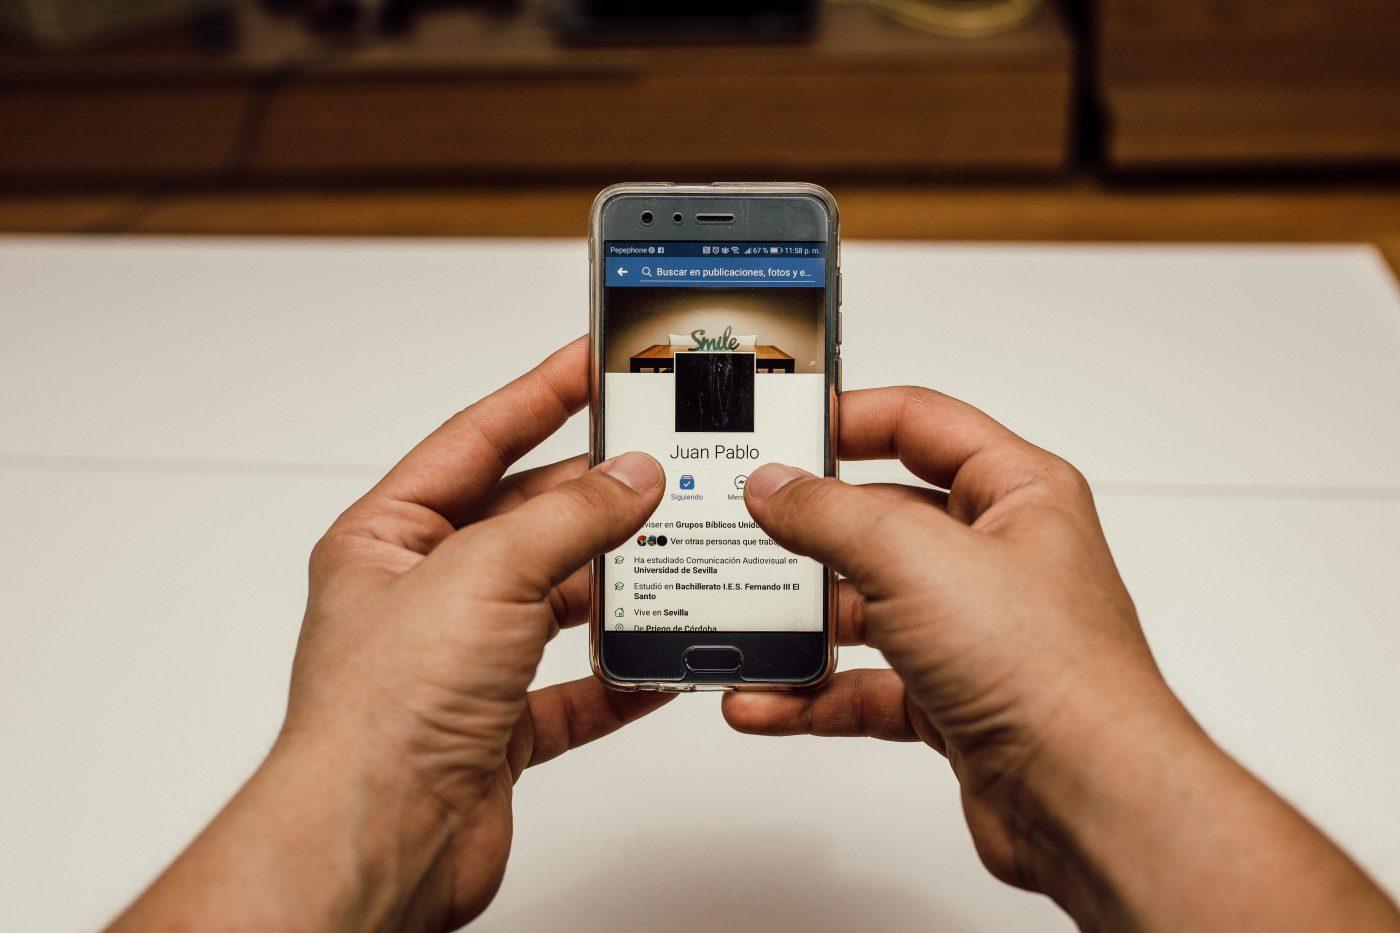 【2018年4Q IRレポート Facebook】 モバイル広告が総売上30%増に貢献